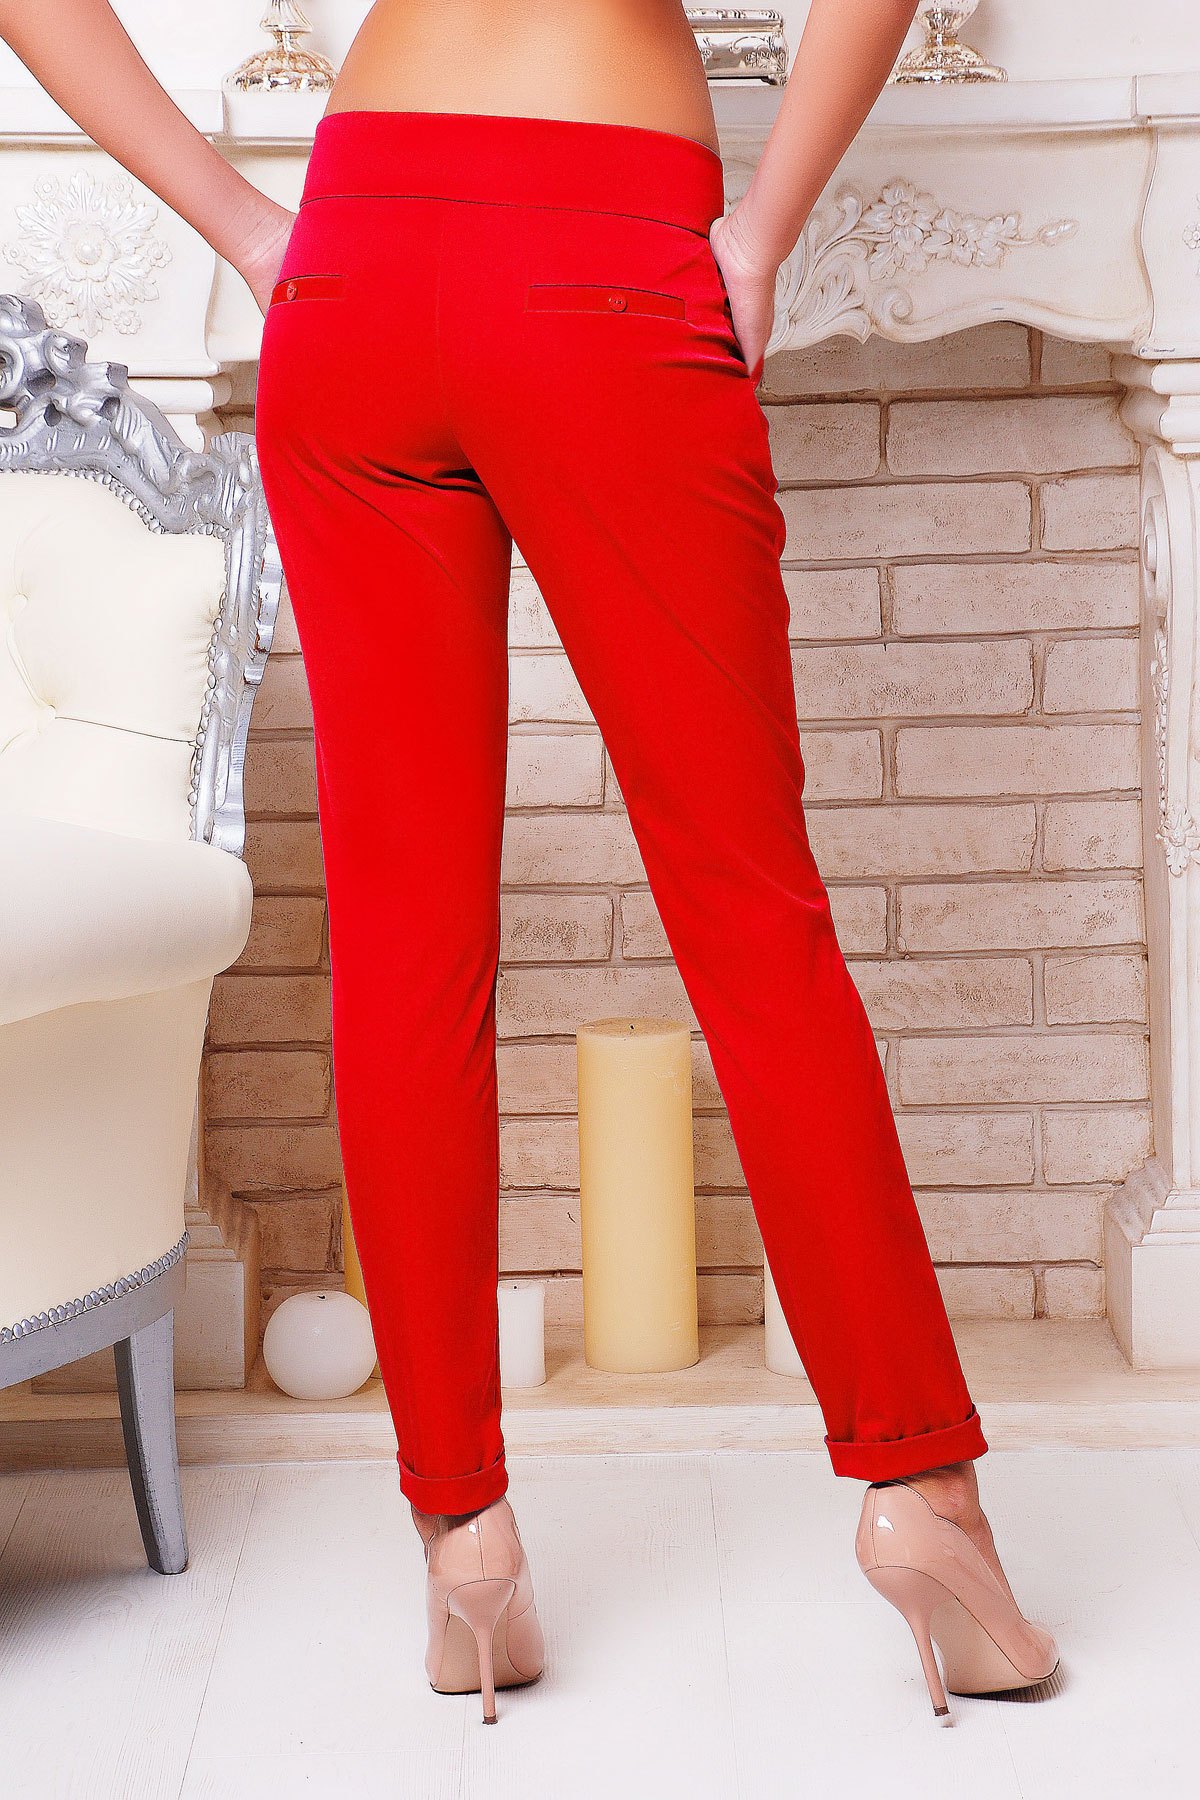 женские светло-бежевые брюки. брюки Хилори. Цвет: темно красный